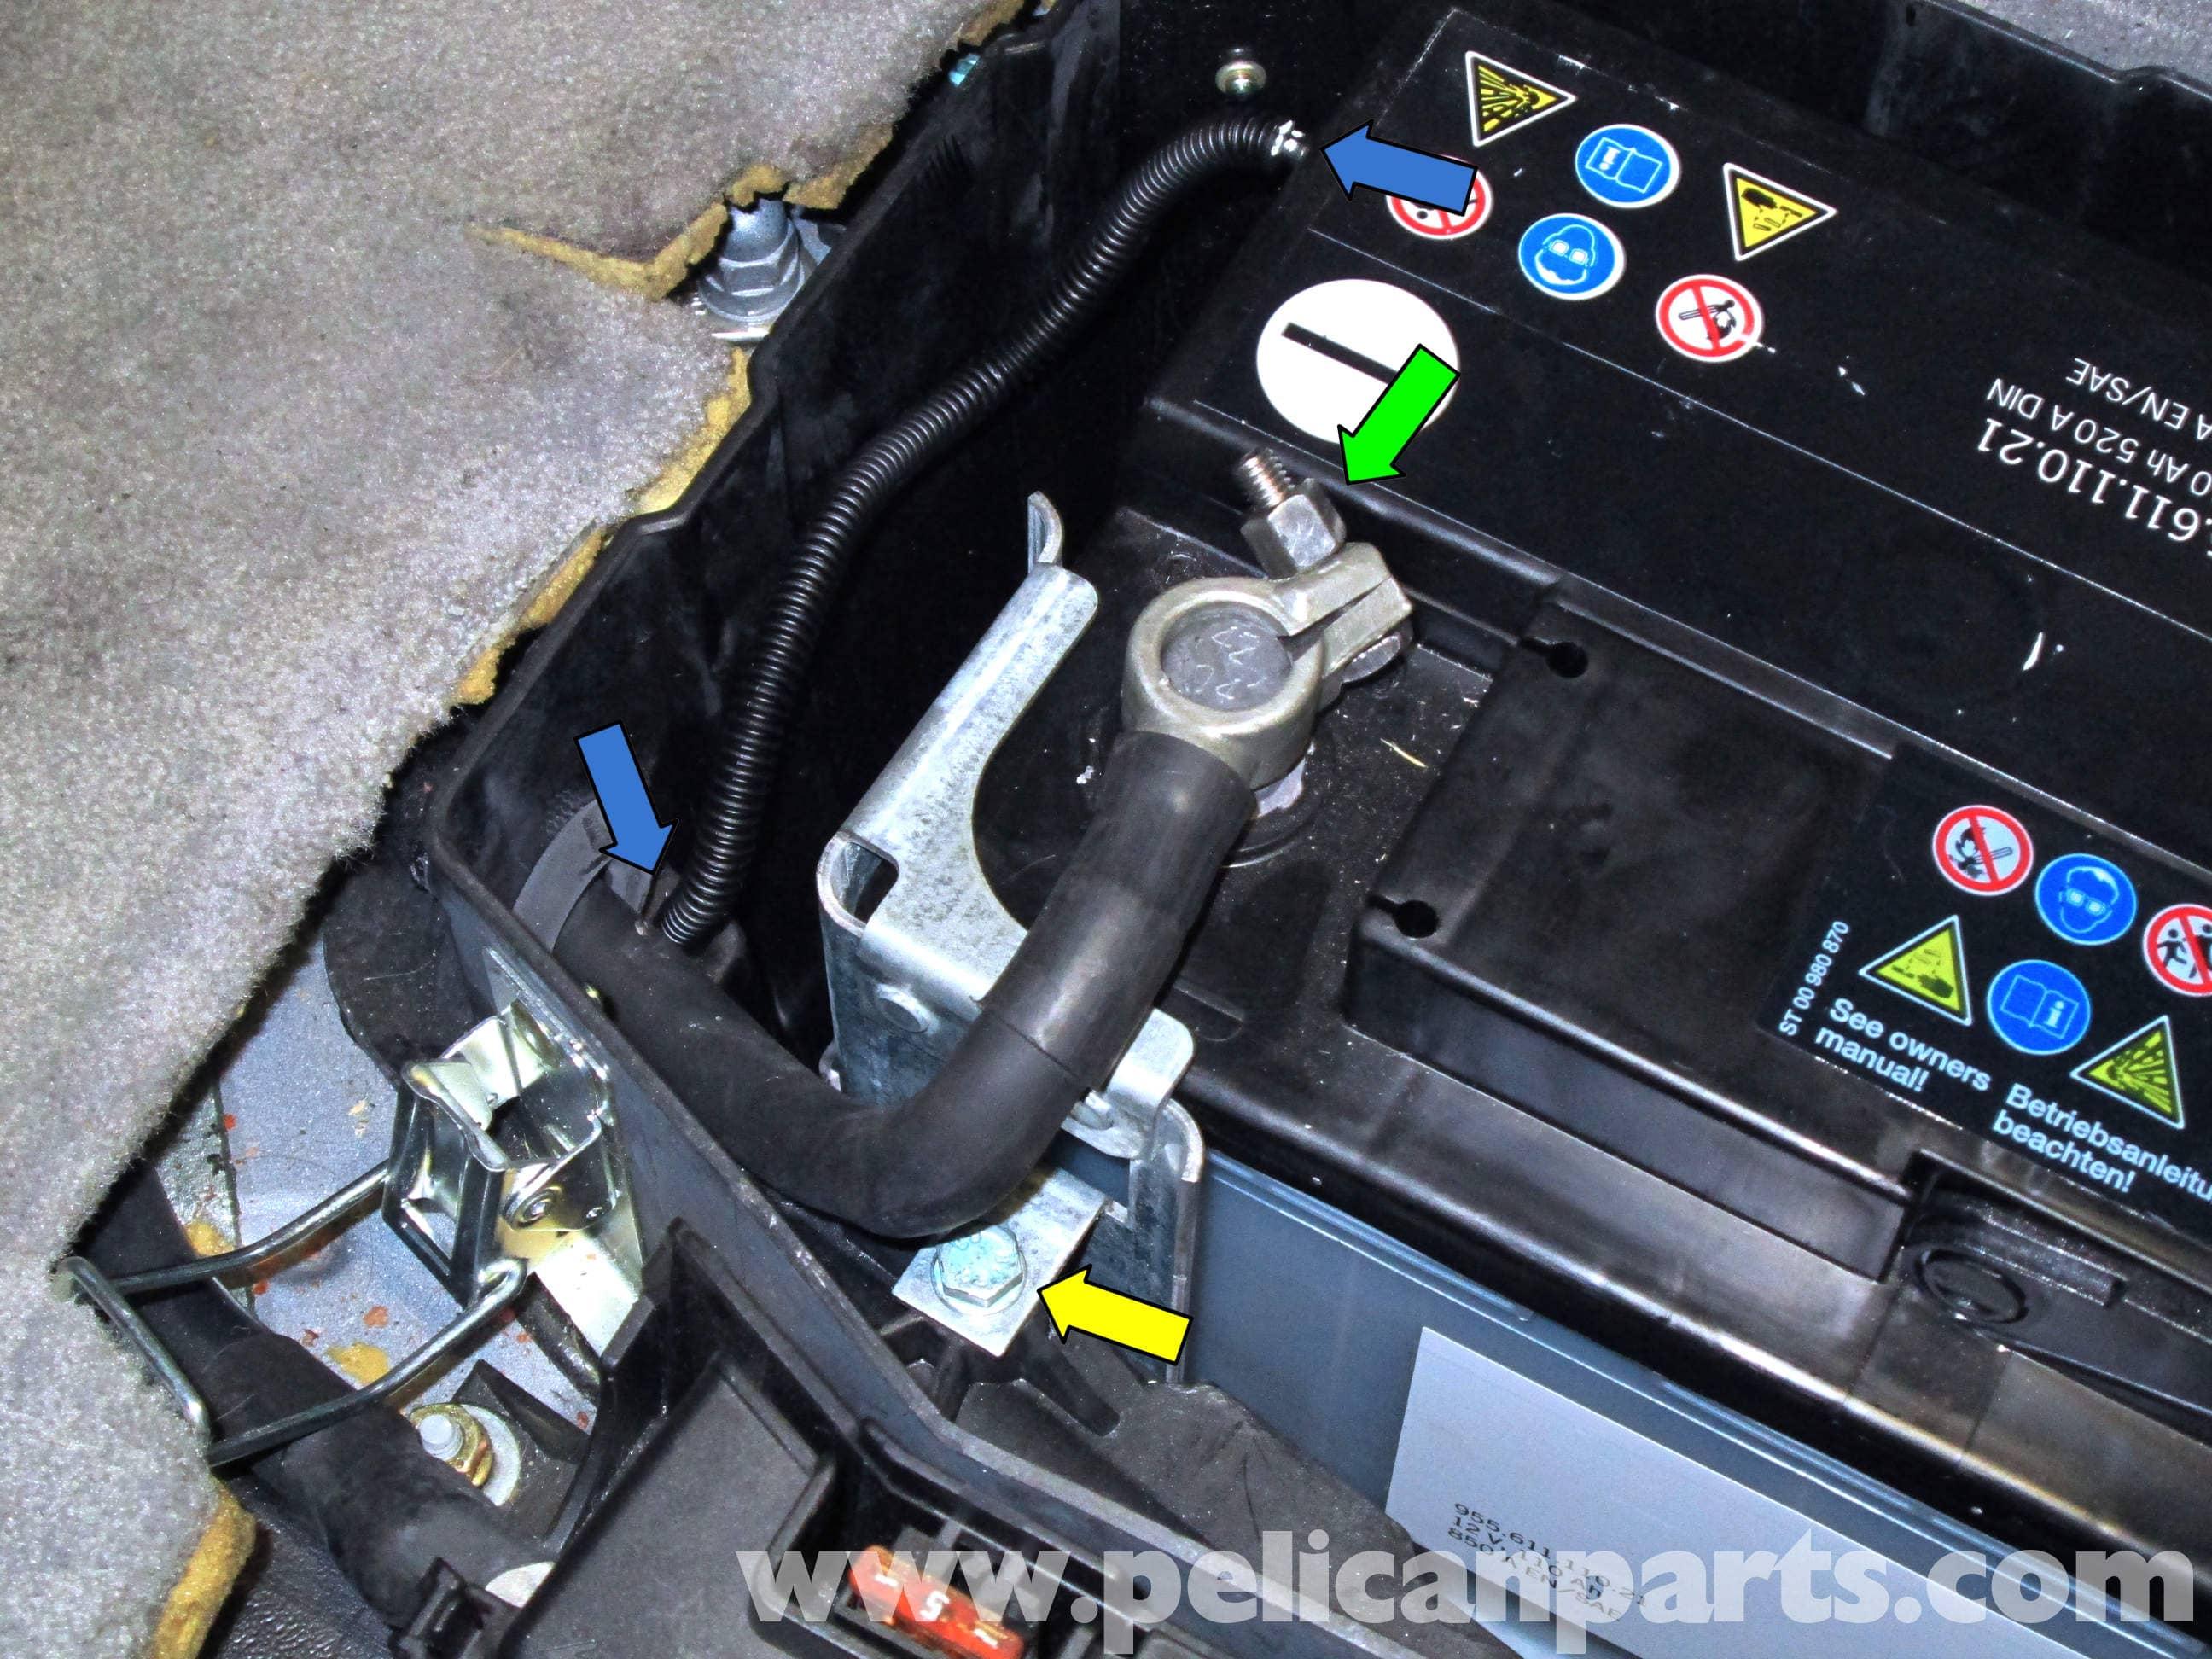 porsche cayenne battery replacement 2003 2008 pelican parts diy rh pelicanparts com 05 Porsche Cayenne Battery Location 2008 Porsche Cayenne S Battery Replacement